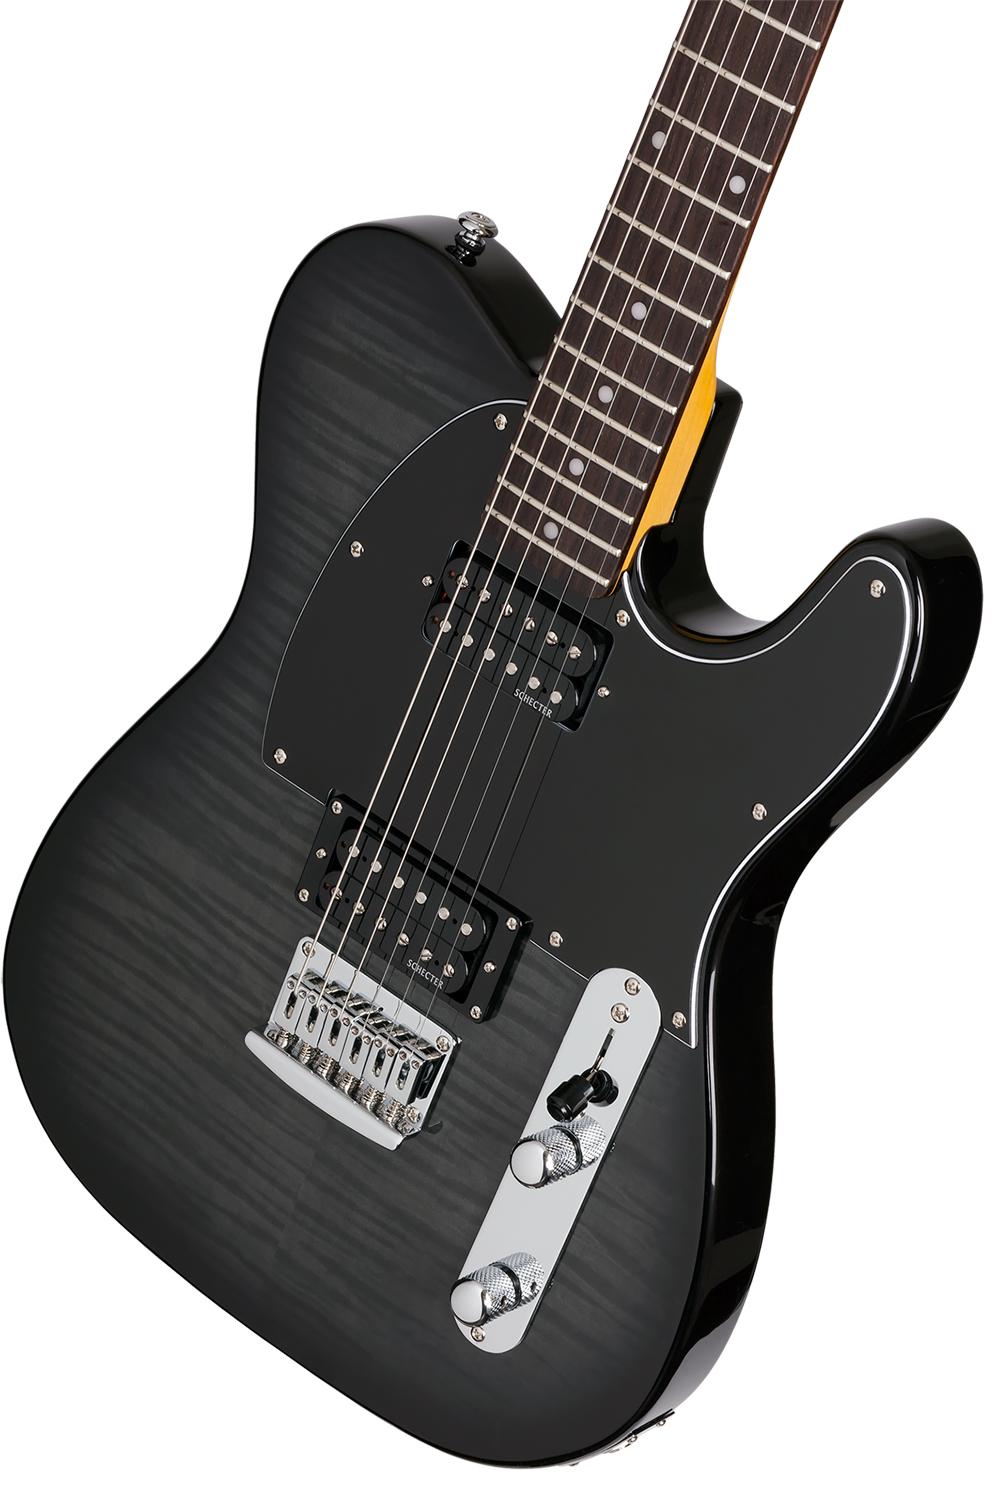 Tolle Jacksons Gitarren Schaltpläne Galerie - Der Schaltplan ...